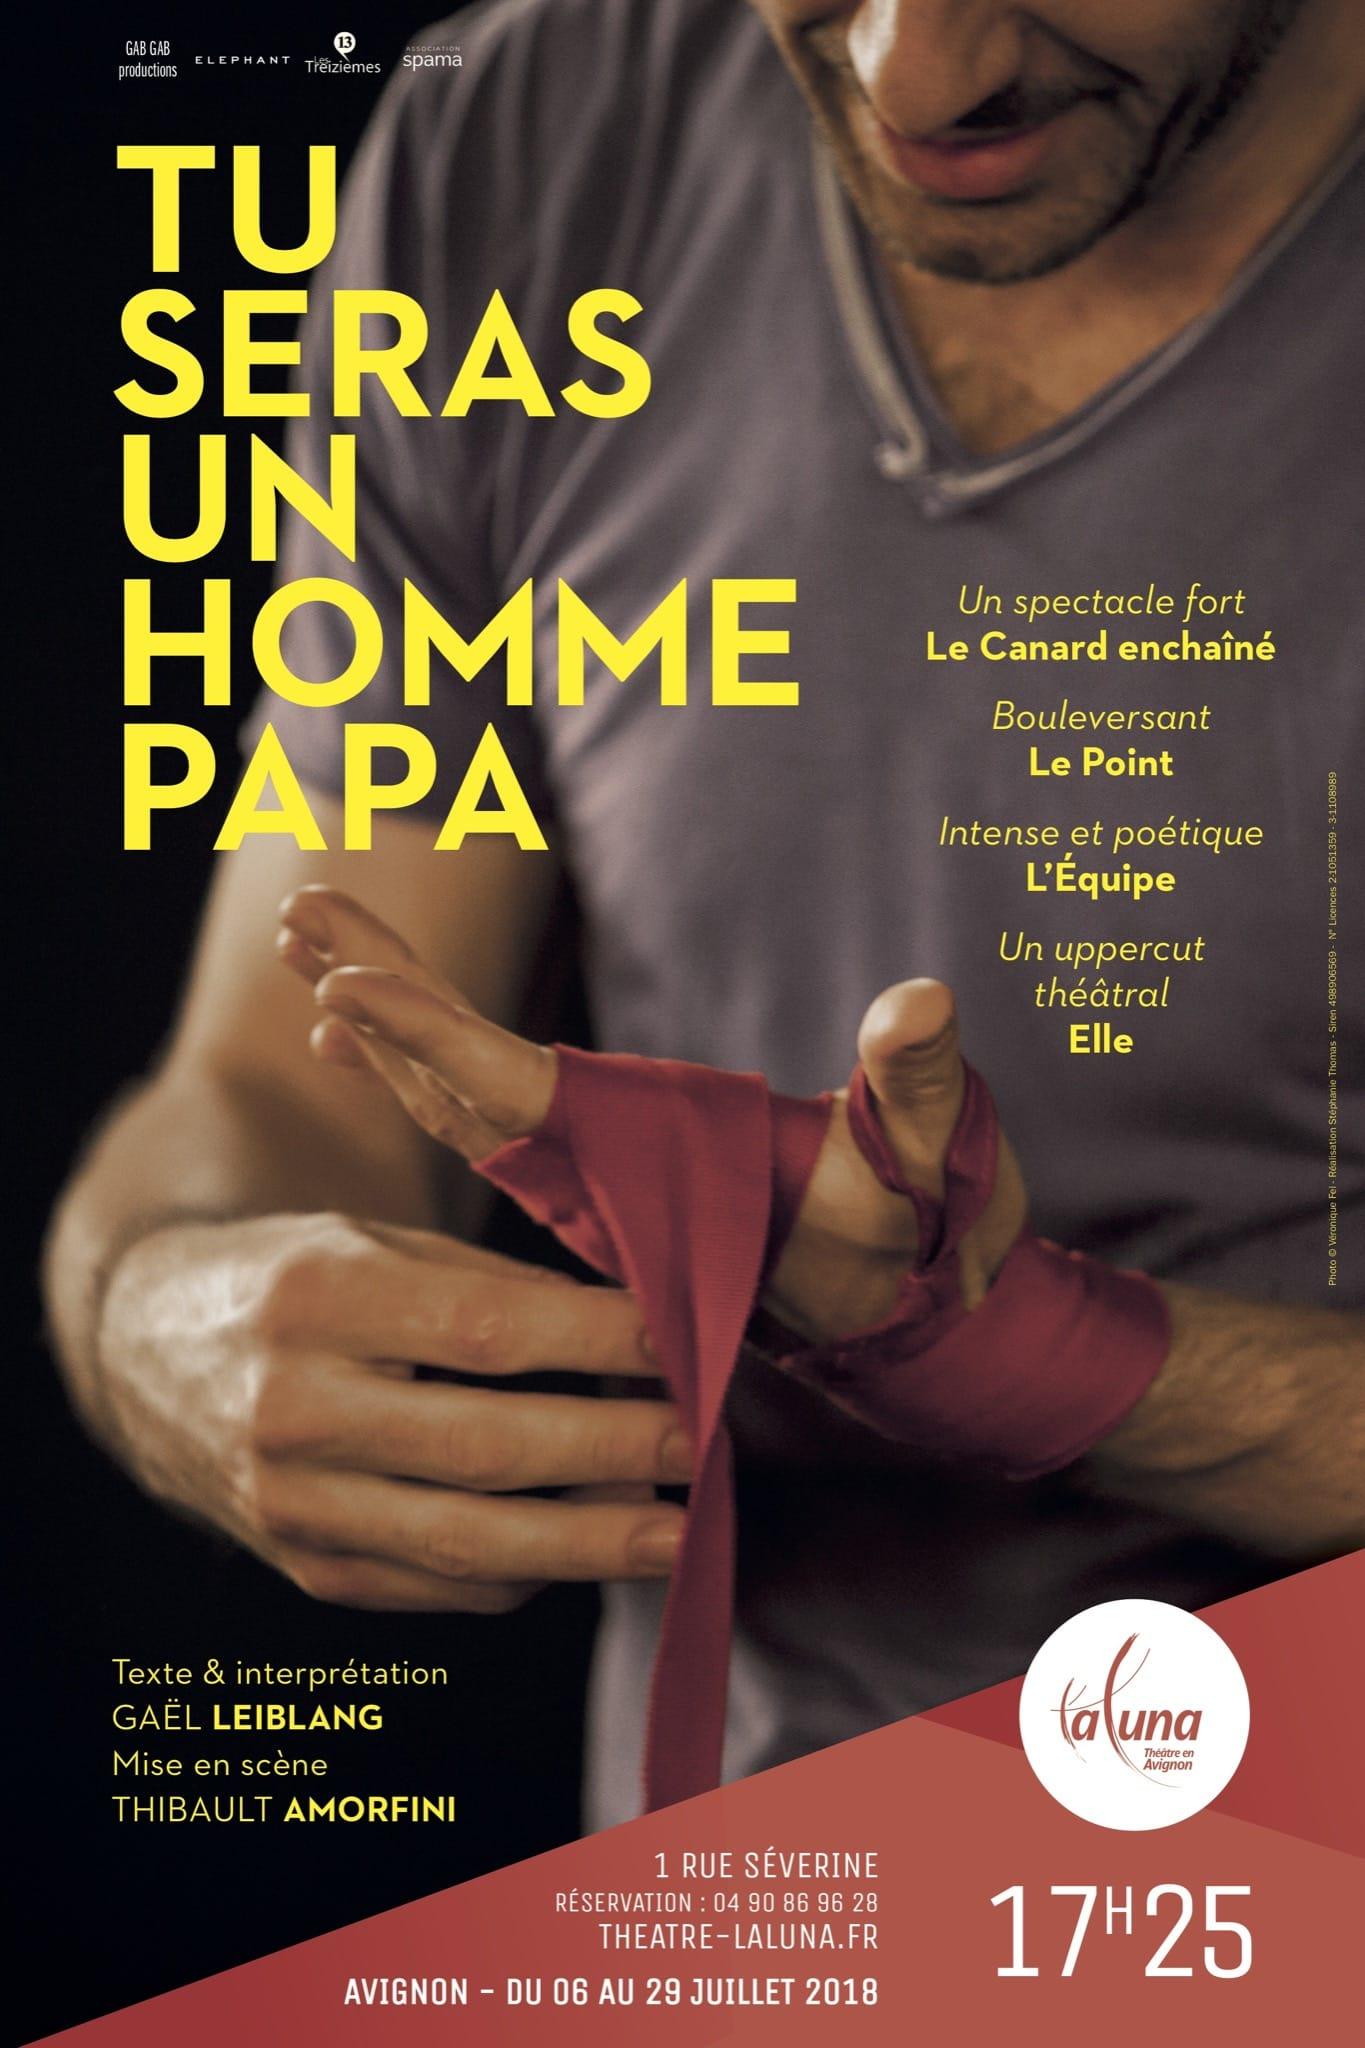 Tu seras un Homme papa affiche Théâtre La Luna Avignon Off 2018